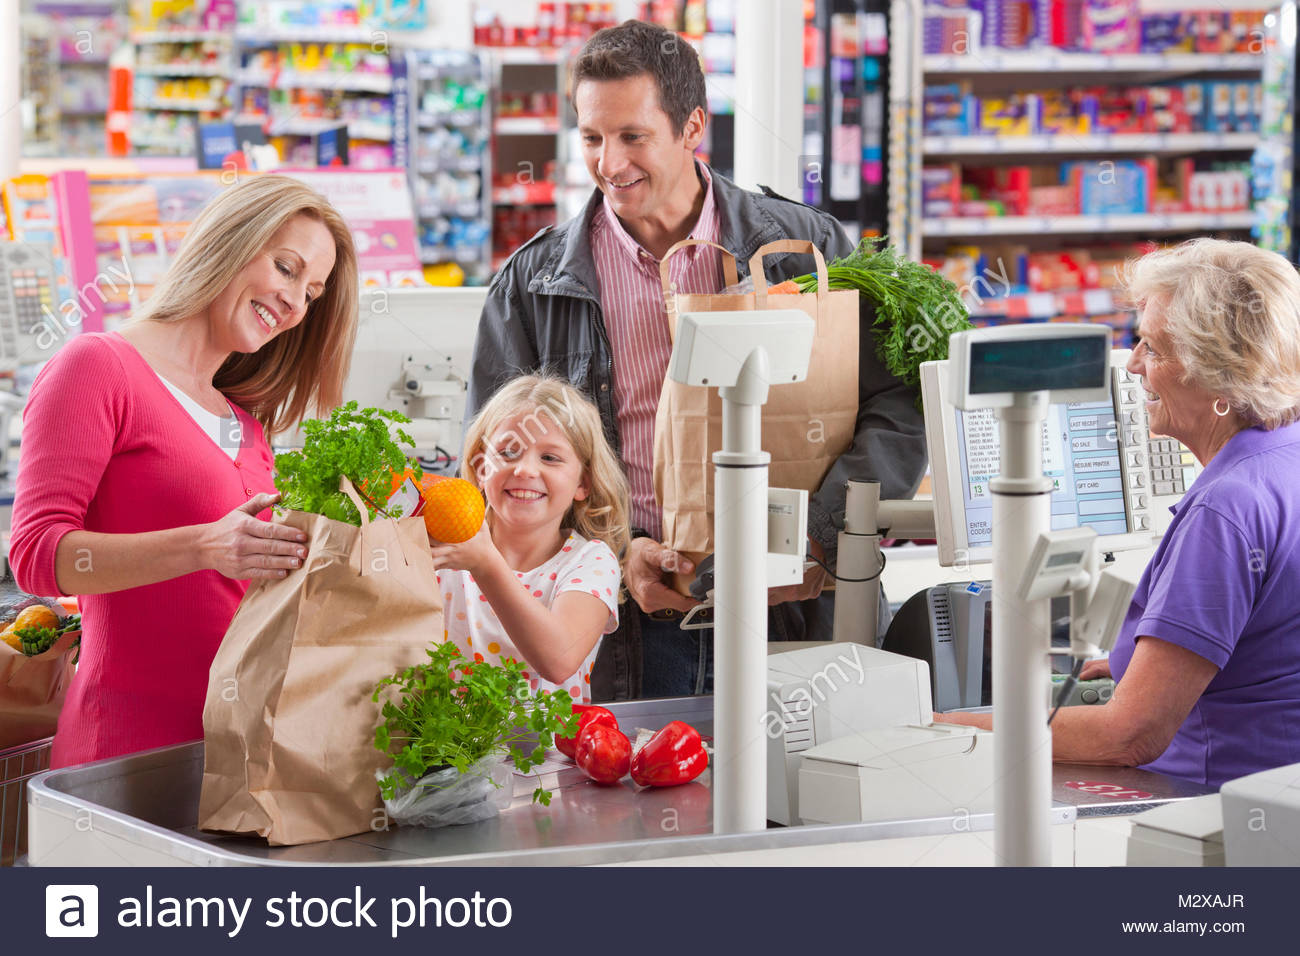 famiglia-imballaggio-acquisto-negozi-supermercato-acquista-cassiere-m2xajr